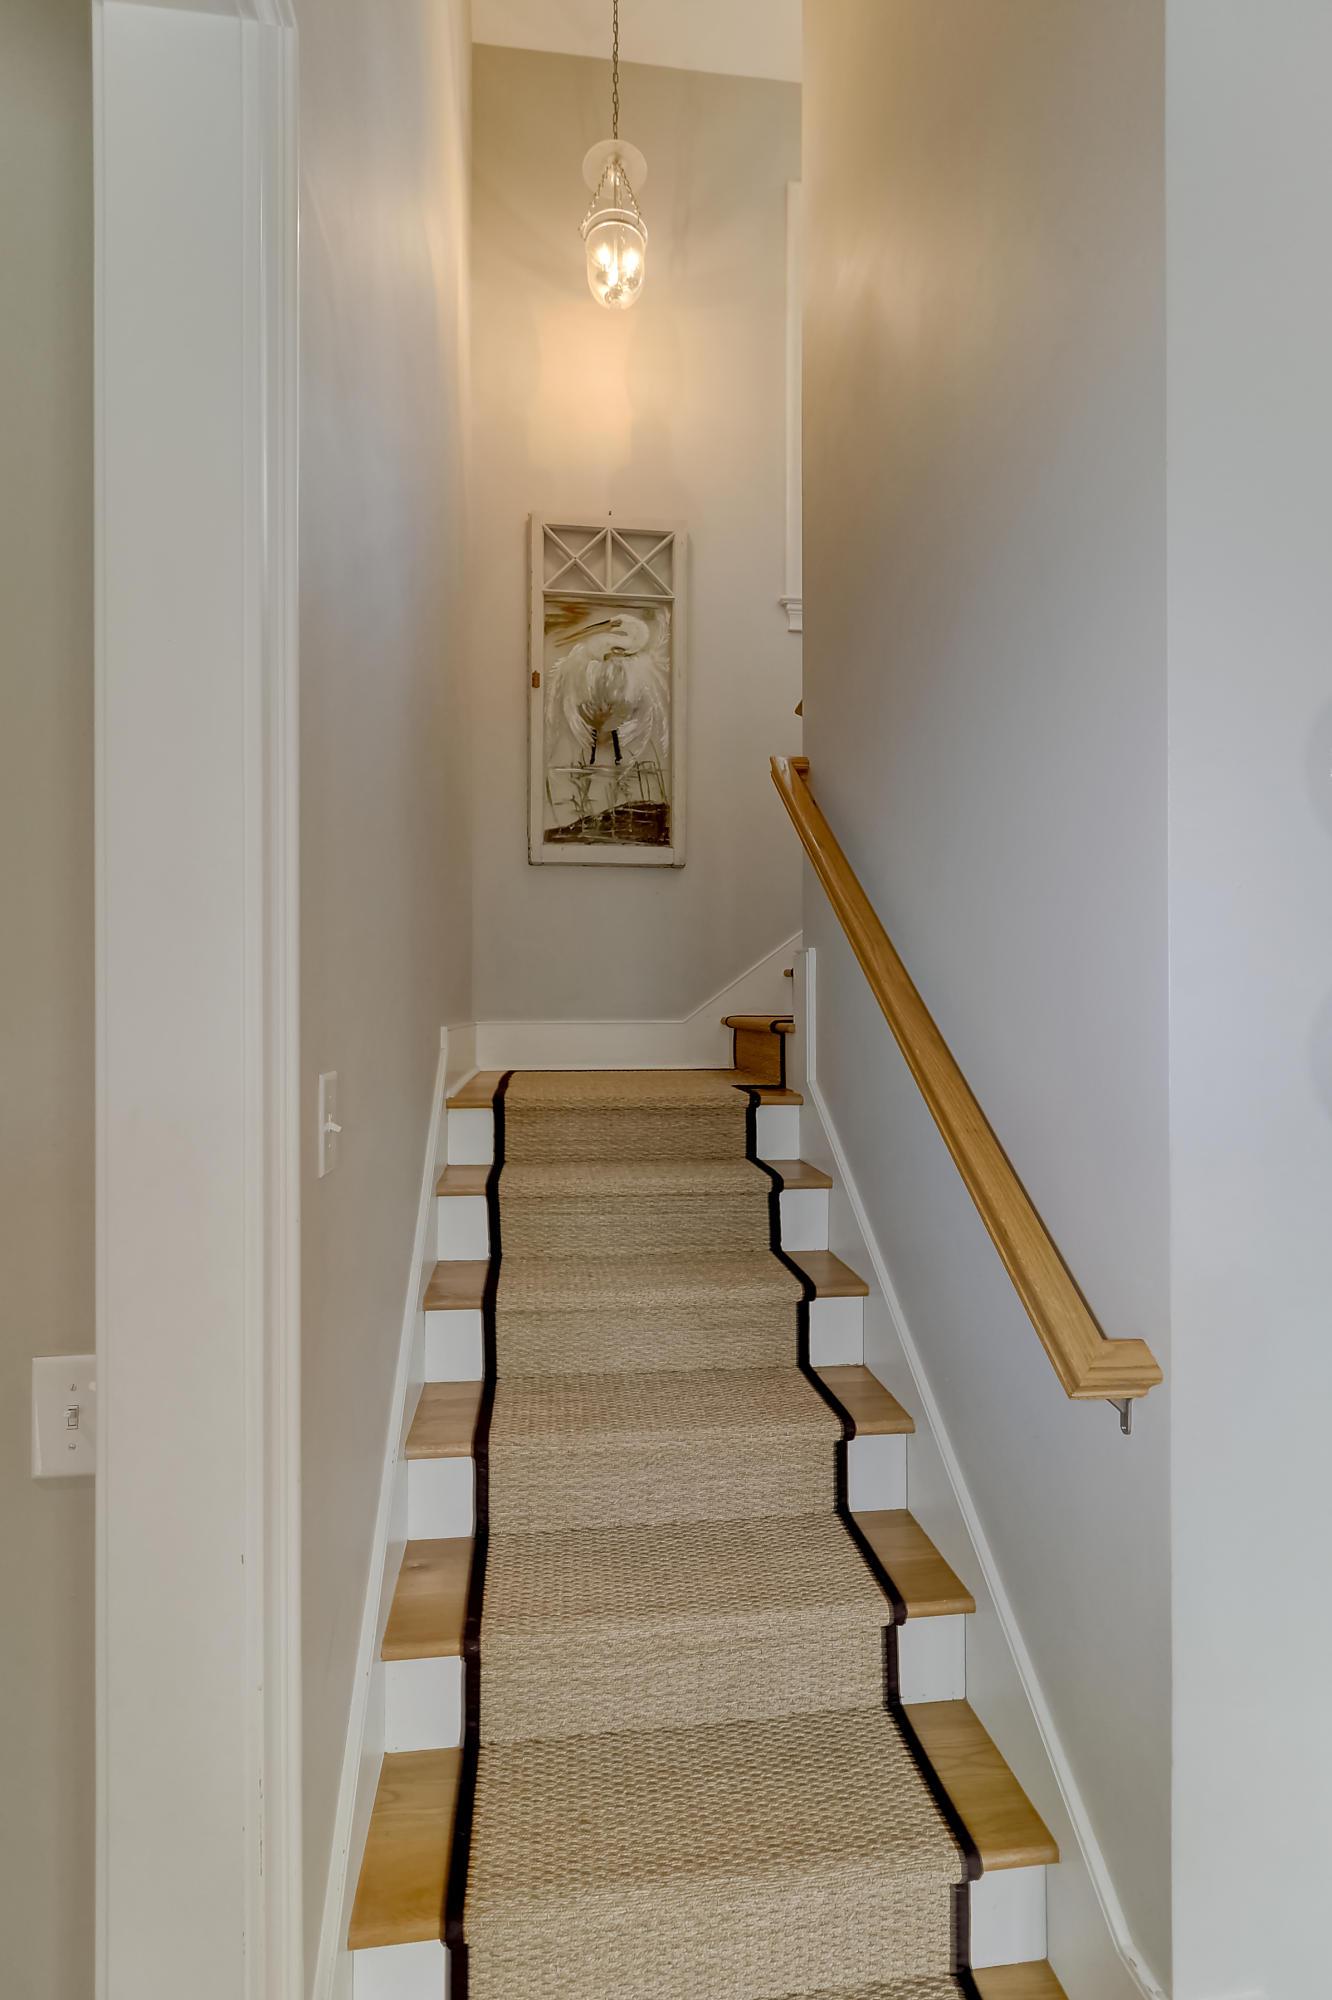 Phillips Park Homes For Sale - 1100 Phillips Park, Mount Pleasant, SC - 32